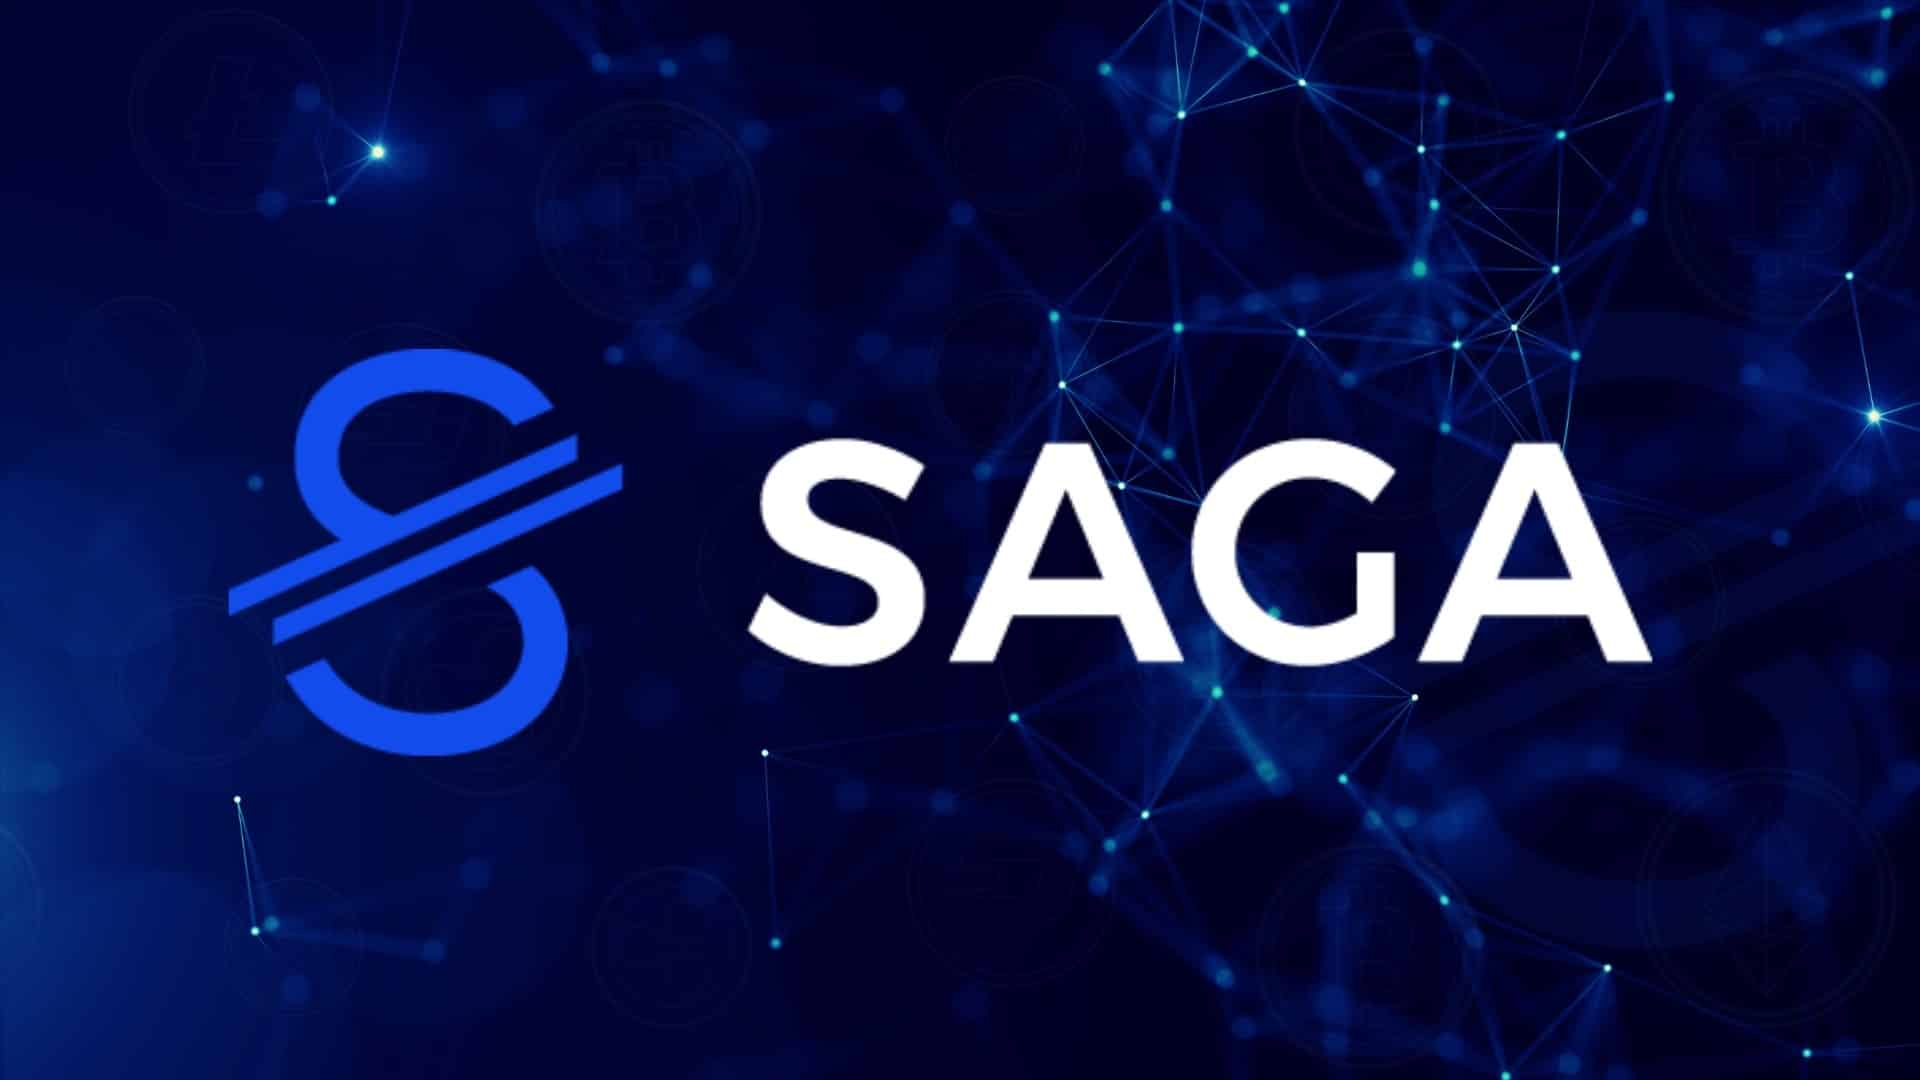 Saga Launches SGA Token to Rival Facebook's Libra Cryptocurrency